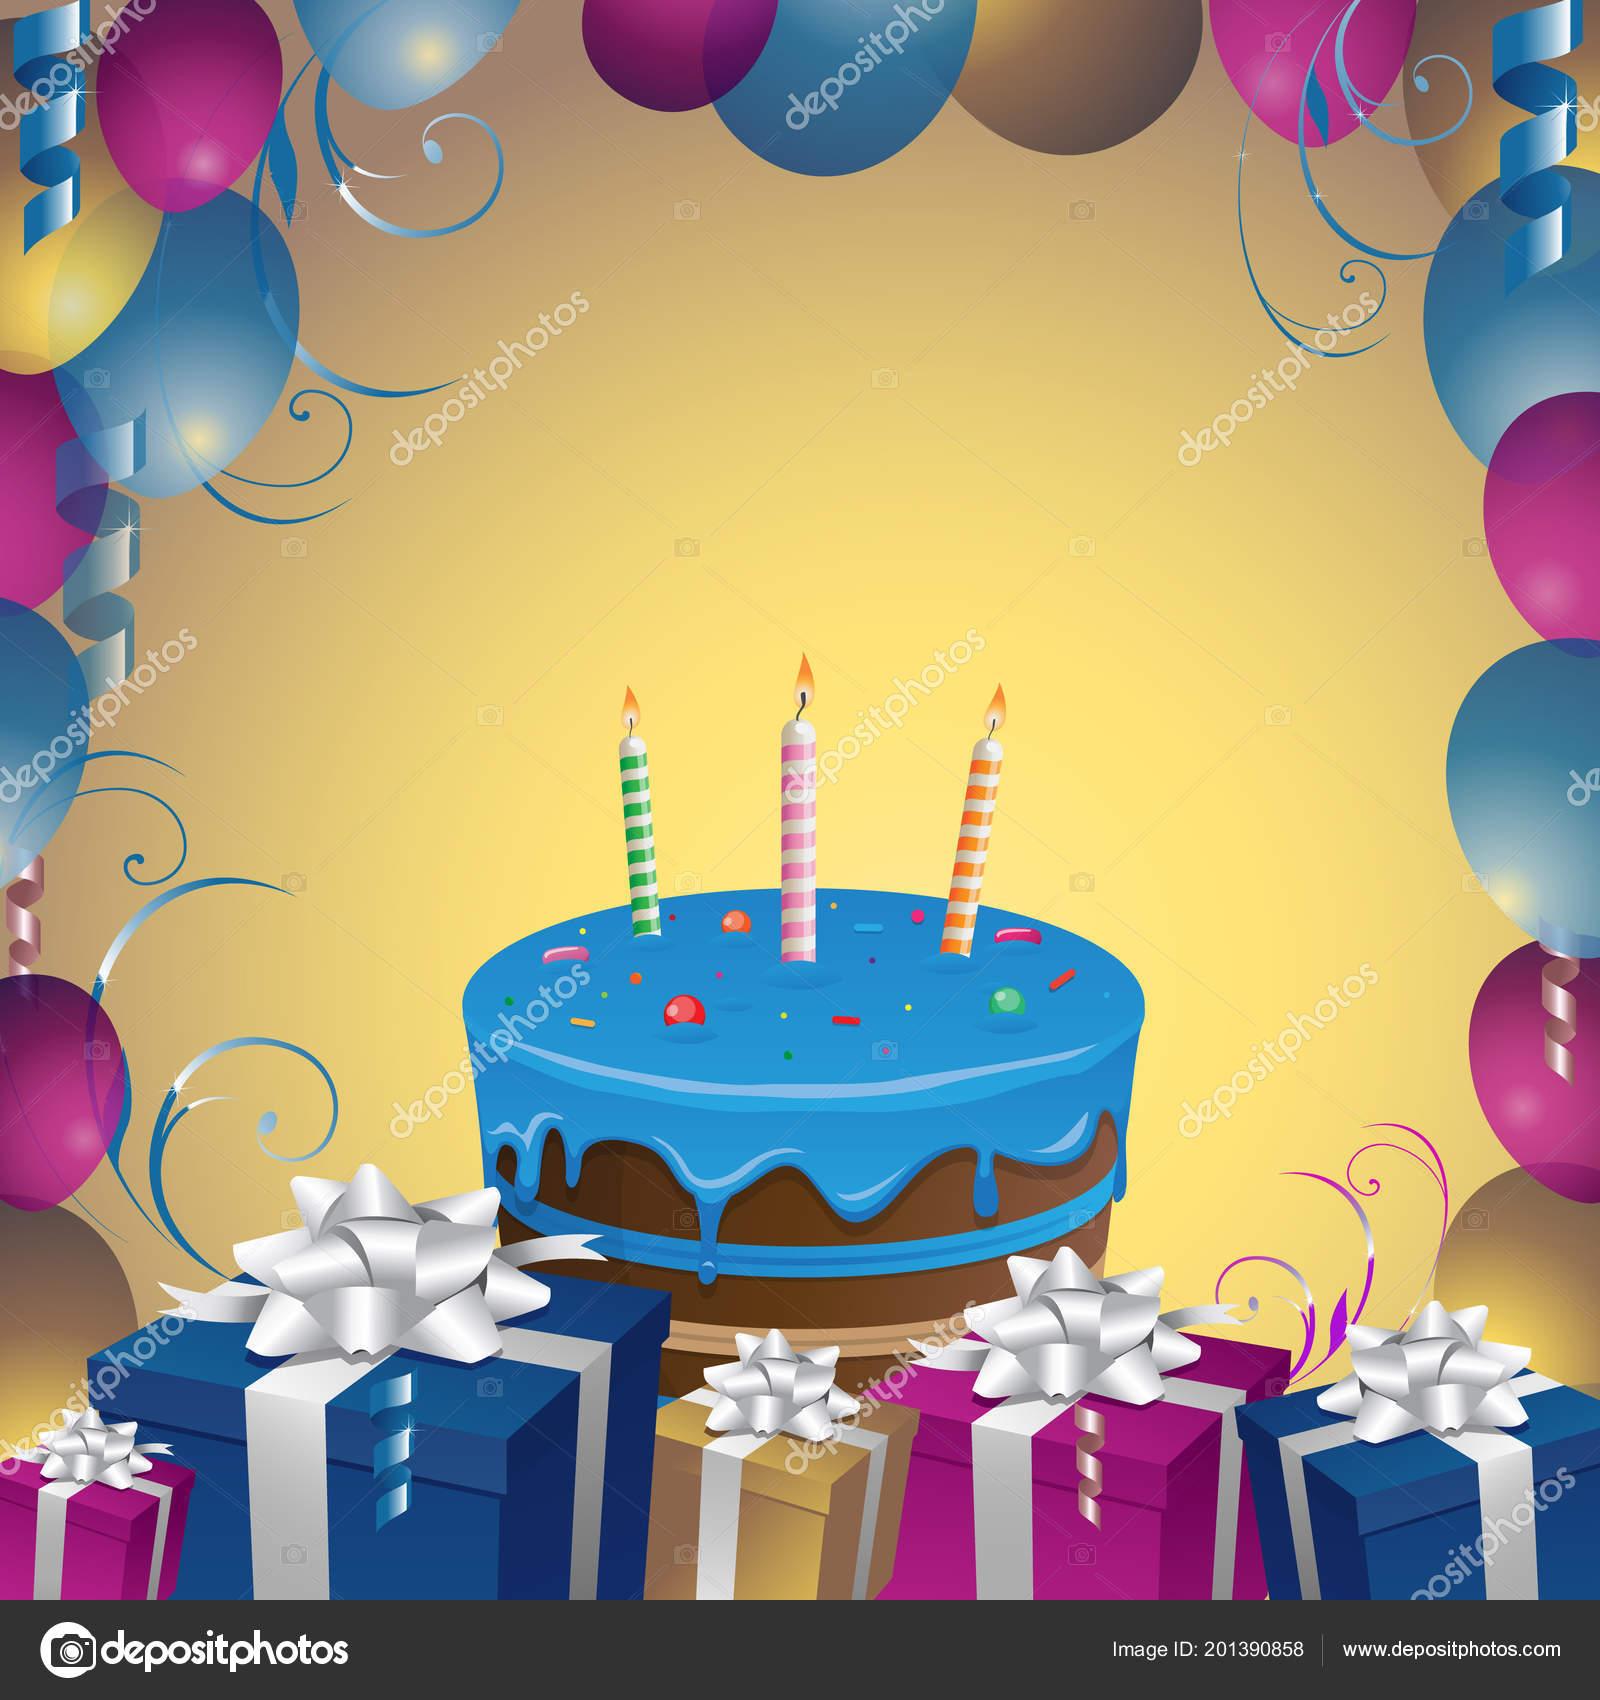 Schone Kuchen Und Geschenke Geburtstag Hintergrund Vektor